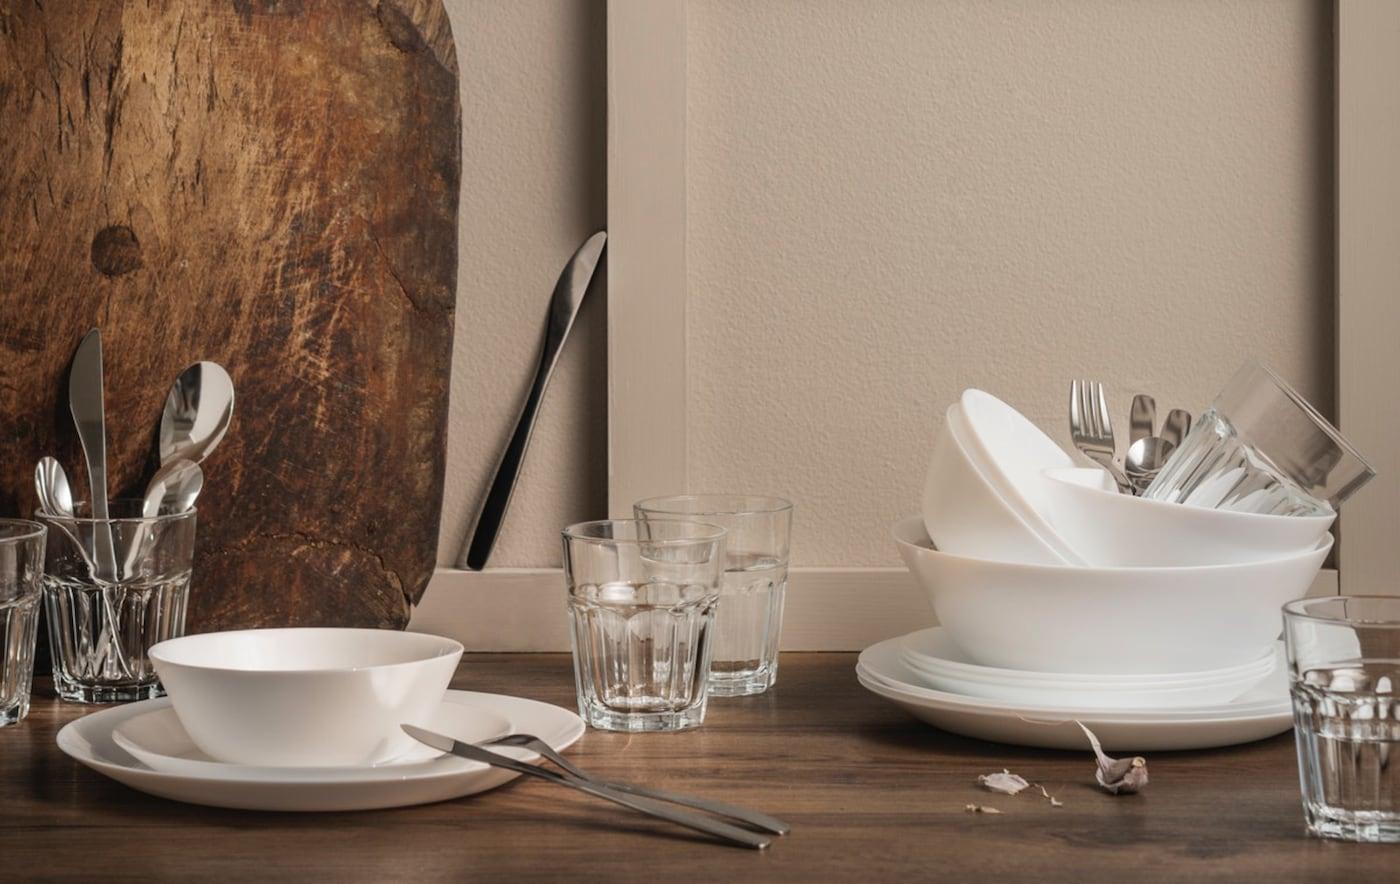 أدوات مطبخ وأواني المائدة